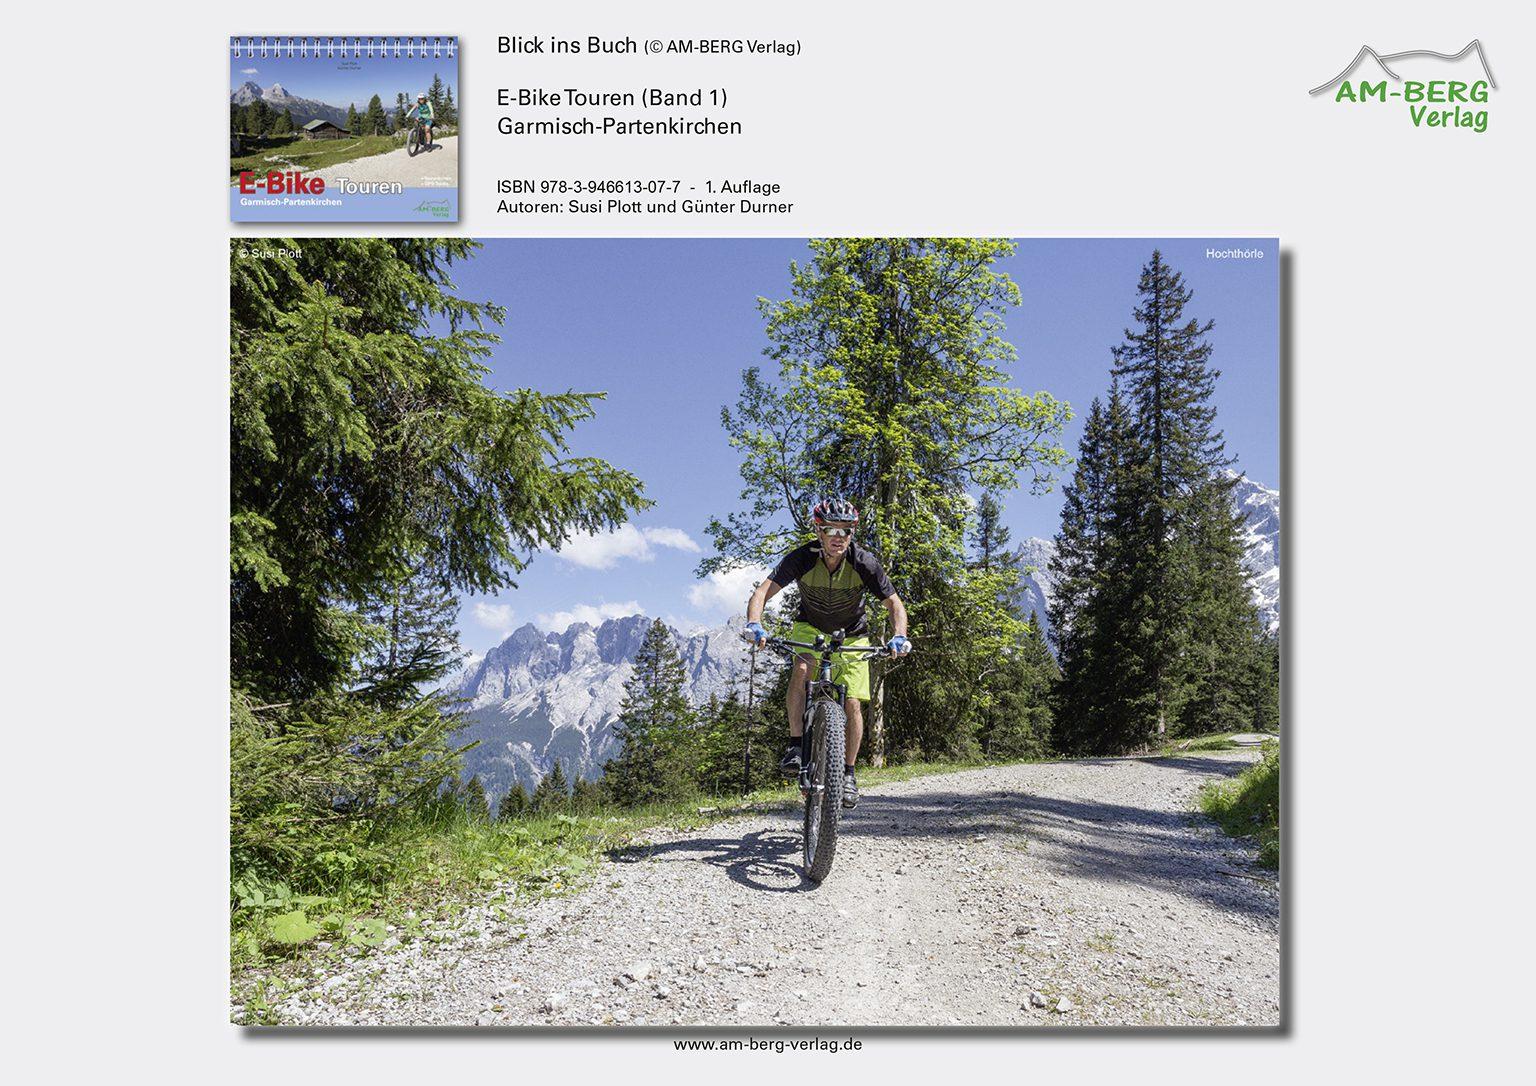 E-Bike Touren Garmisch-Partenkirchen_BlickinsBuch04